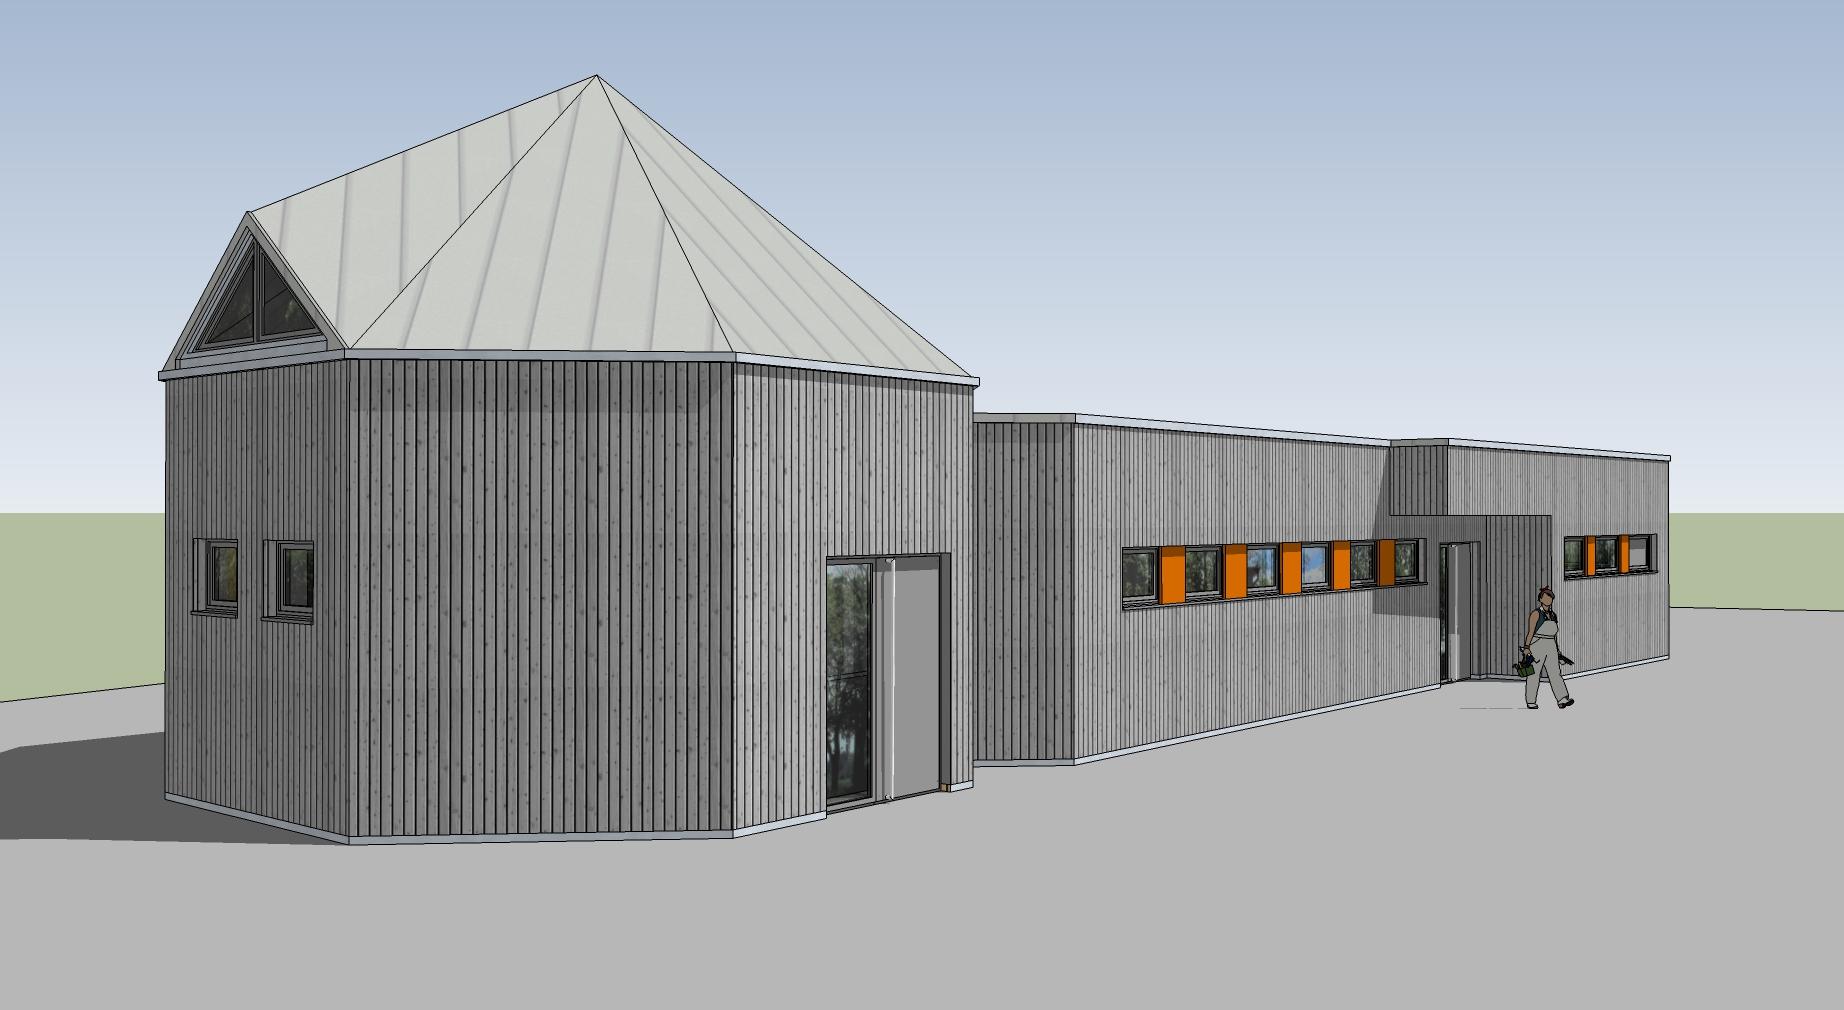 Südseite mit dem bestehenden Pavillon. Auf der rechten Seite wird der Anbau errichtet